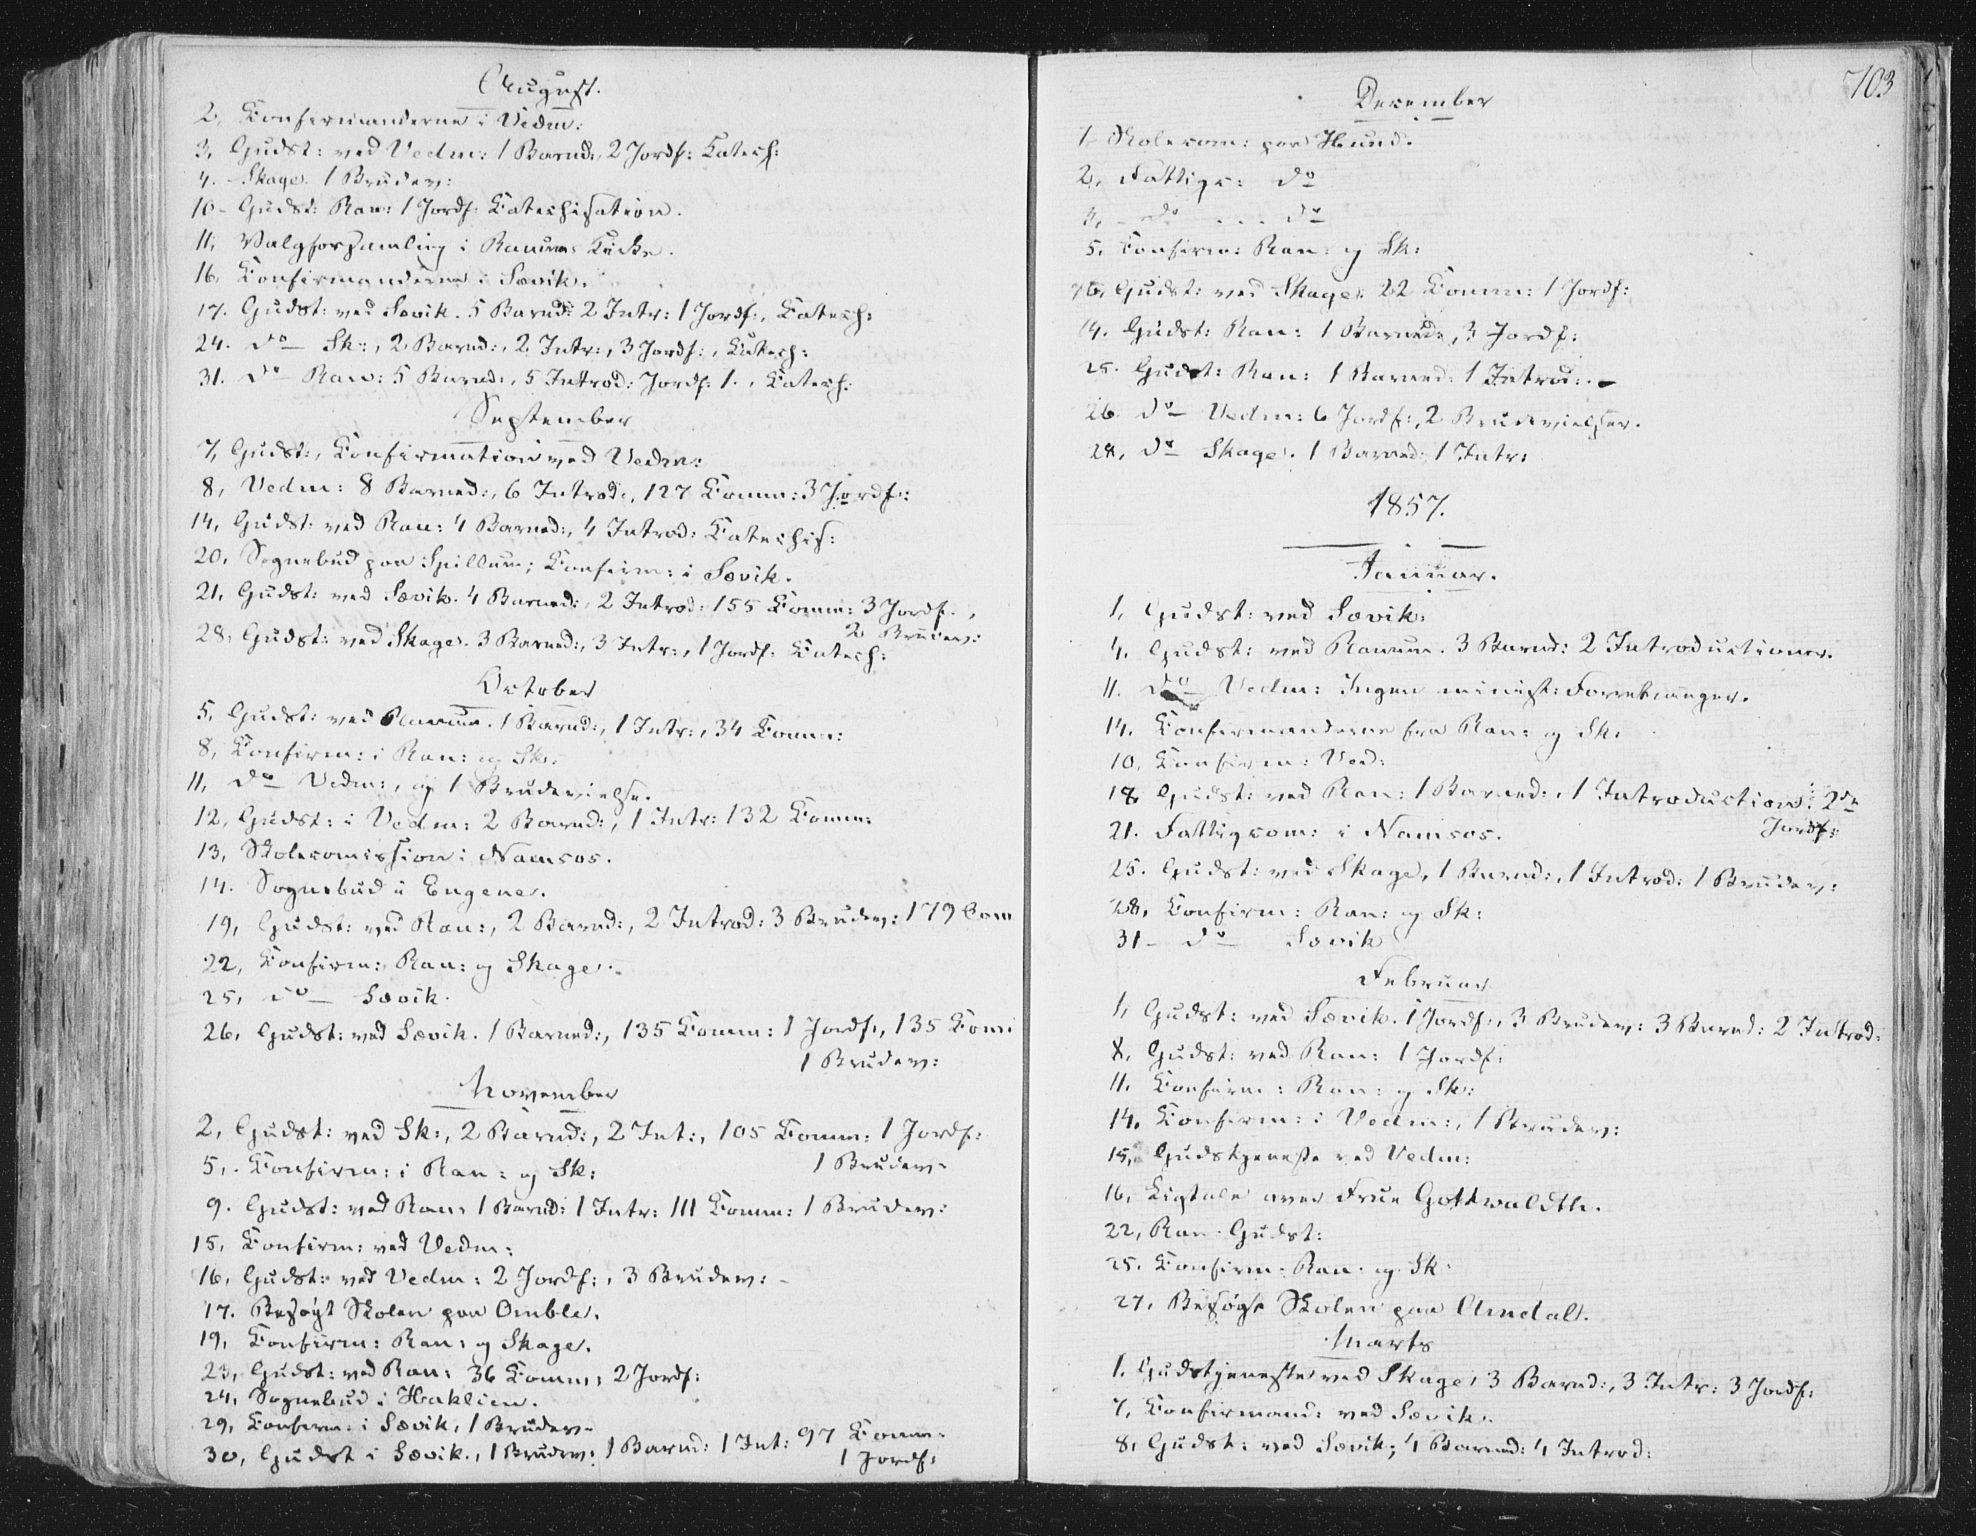 SAT, Ministerialprotokoller, klokkerbøker og fødselsregistre - Nord-Trøndelag, 764/L0552: Ministerialbok nr. 764A07b, 1824-1865, s. 703